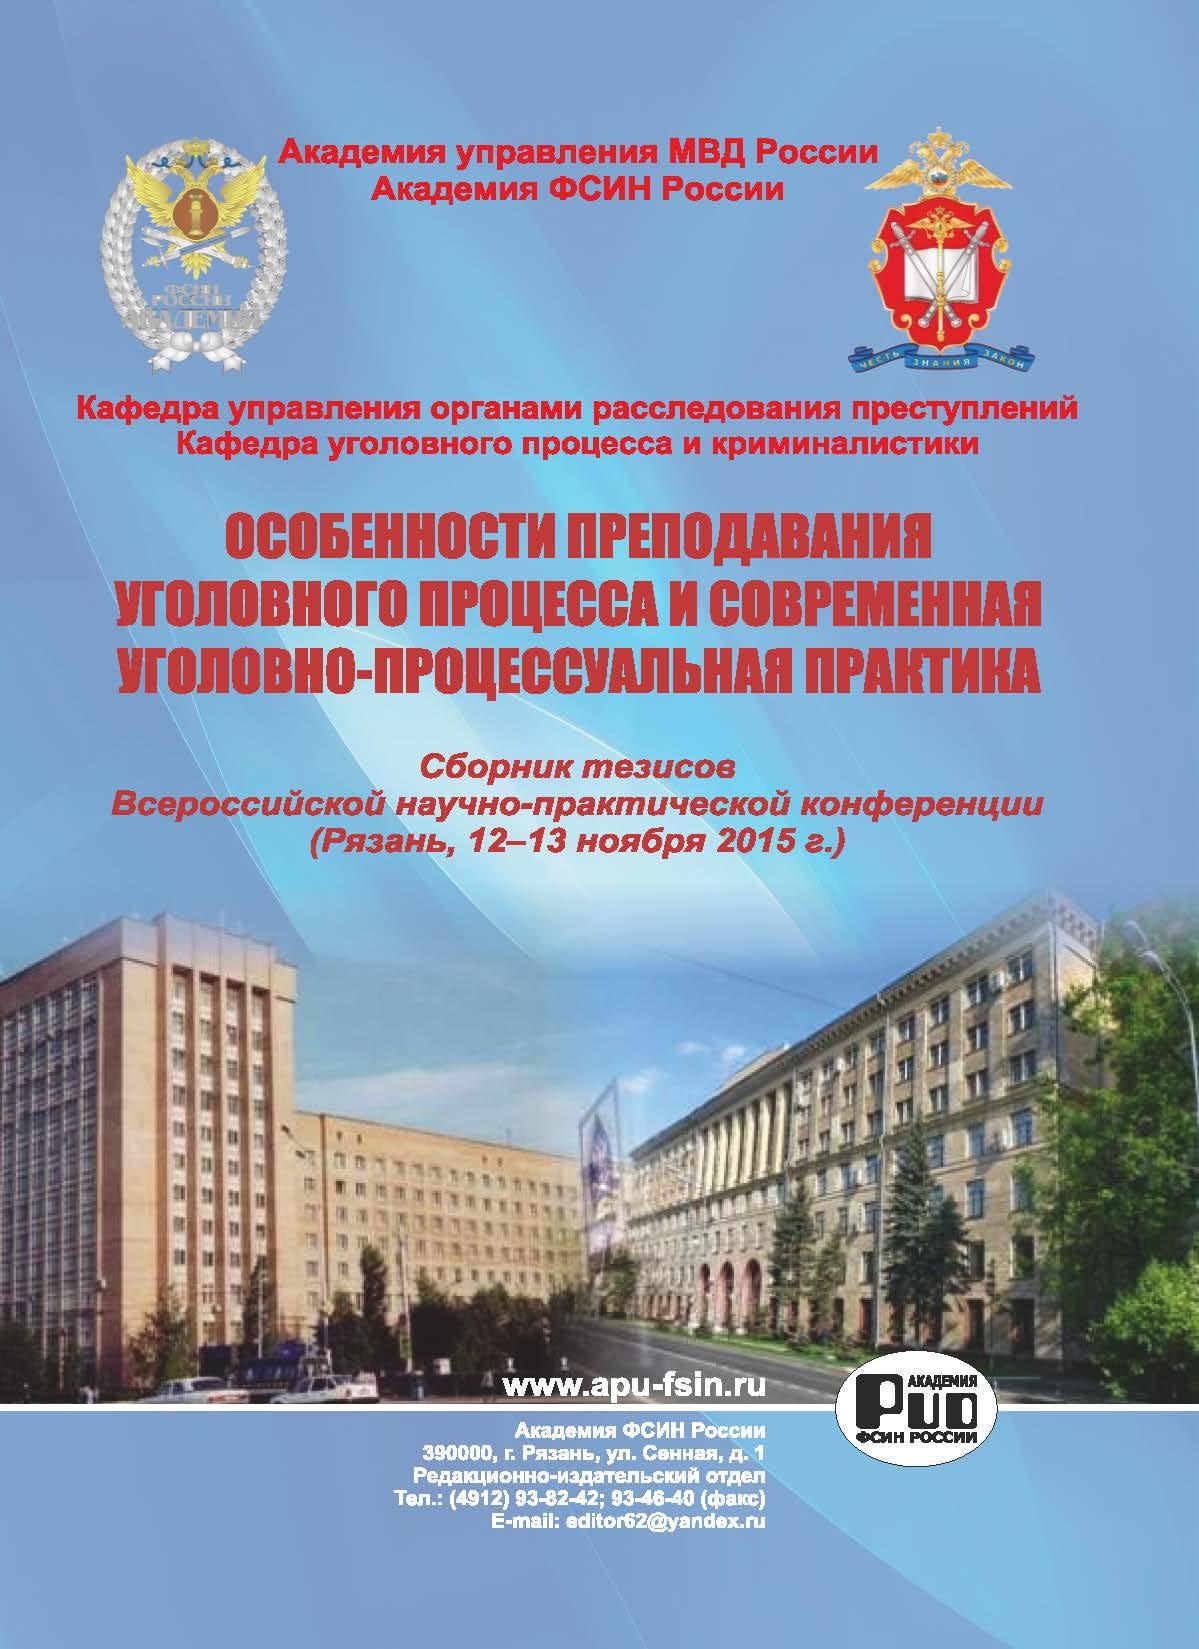 Налоговая инспекция по адресу регистрации москва